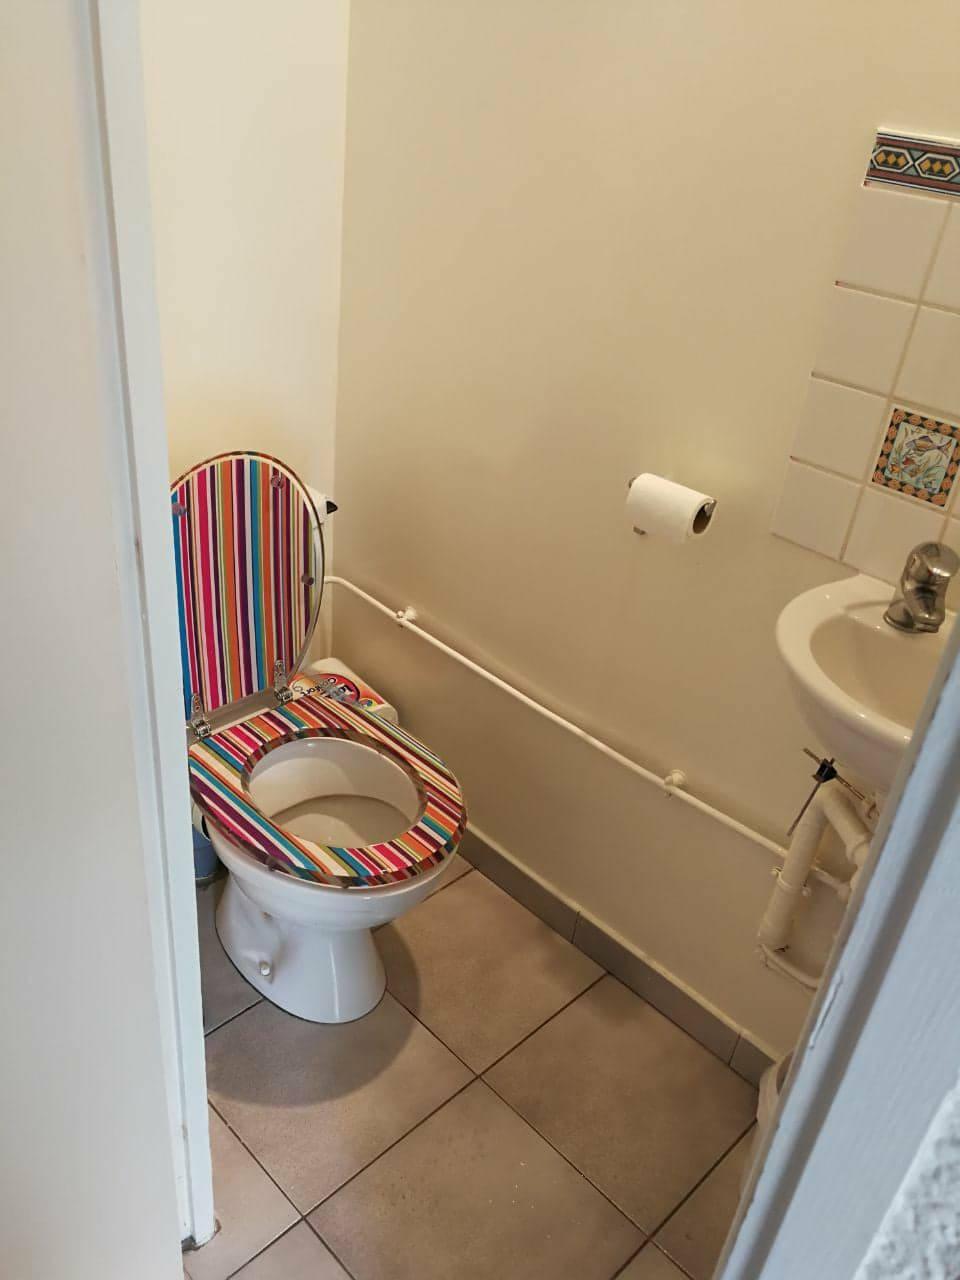 maghawry_renovation_travaux_2018_peinture_murs_wc_cuisine_escalier_toilette_carrelage_faux_plafond_cloisons_bandes_enduit_cheminee_toilette1-min